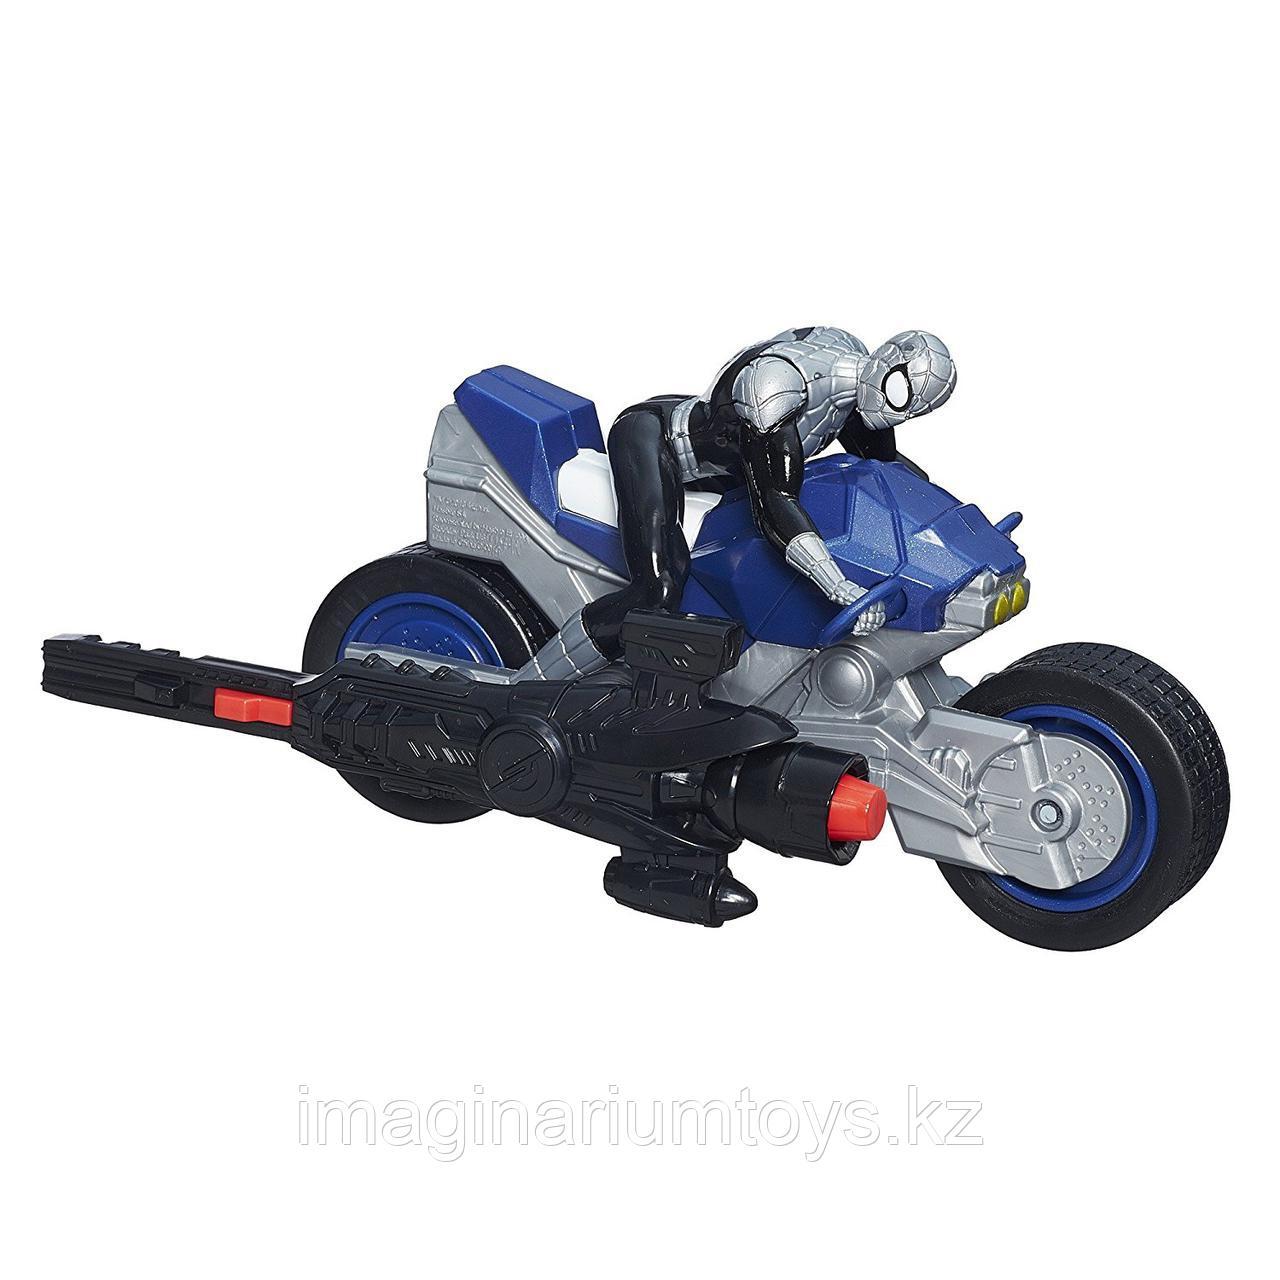 Игровой набор «Человек-паук с мотоциклом» SPIDERMAN